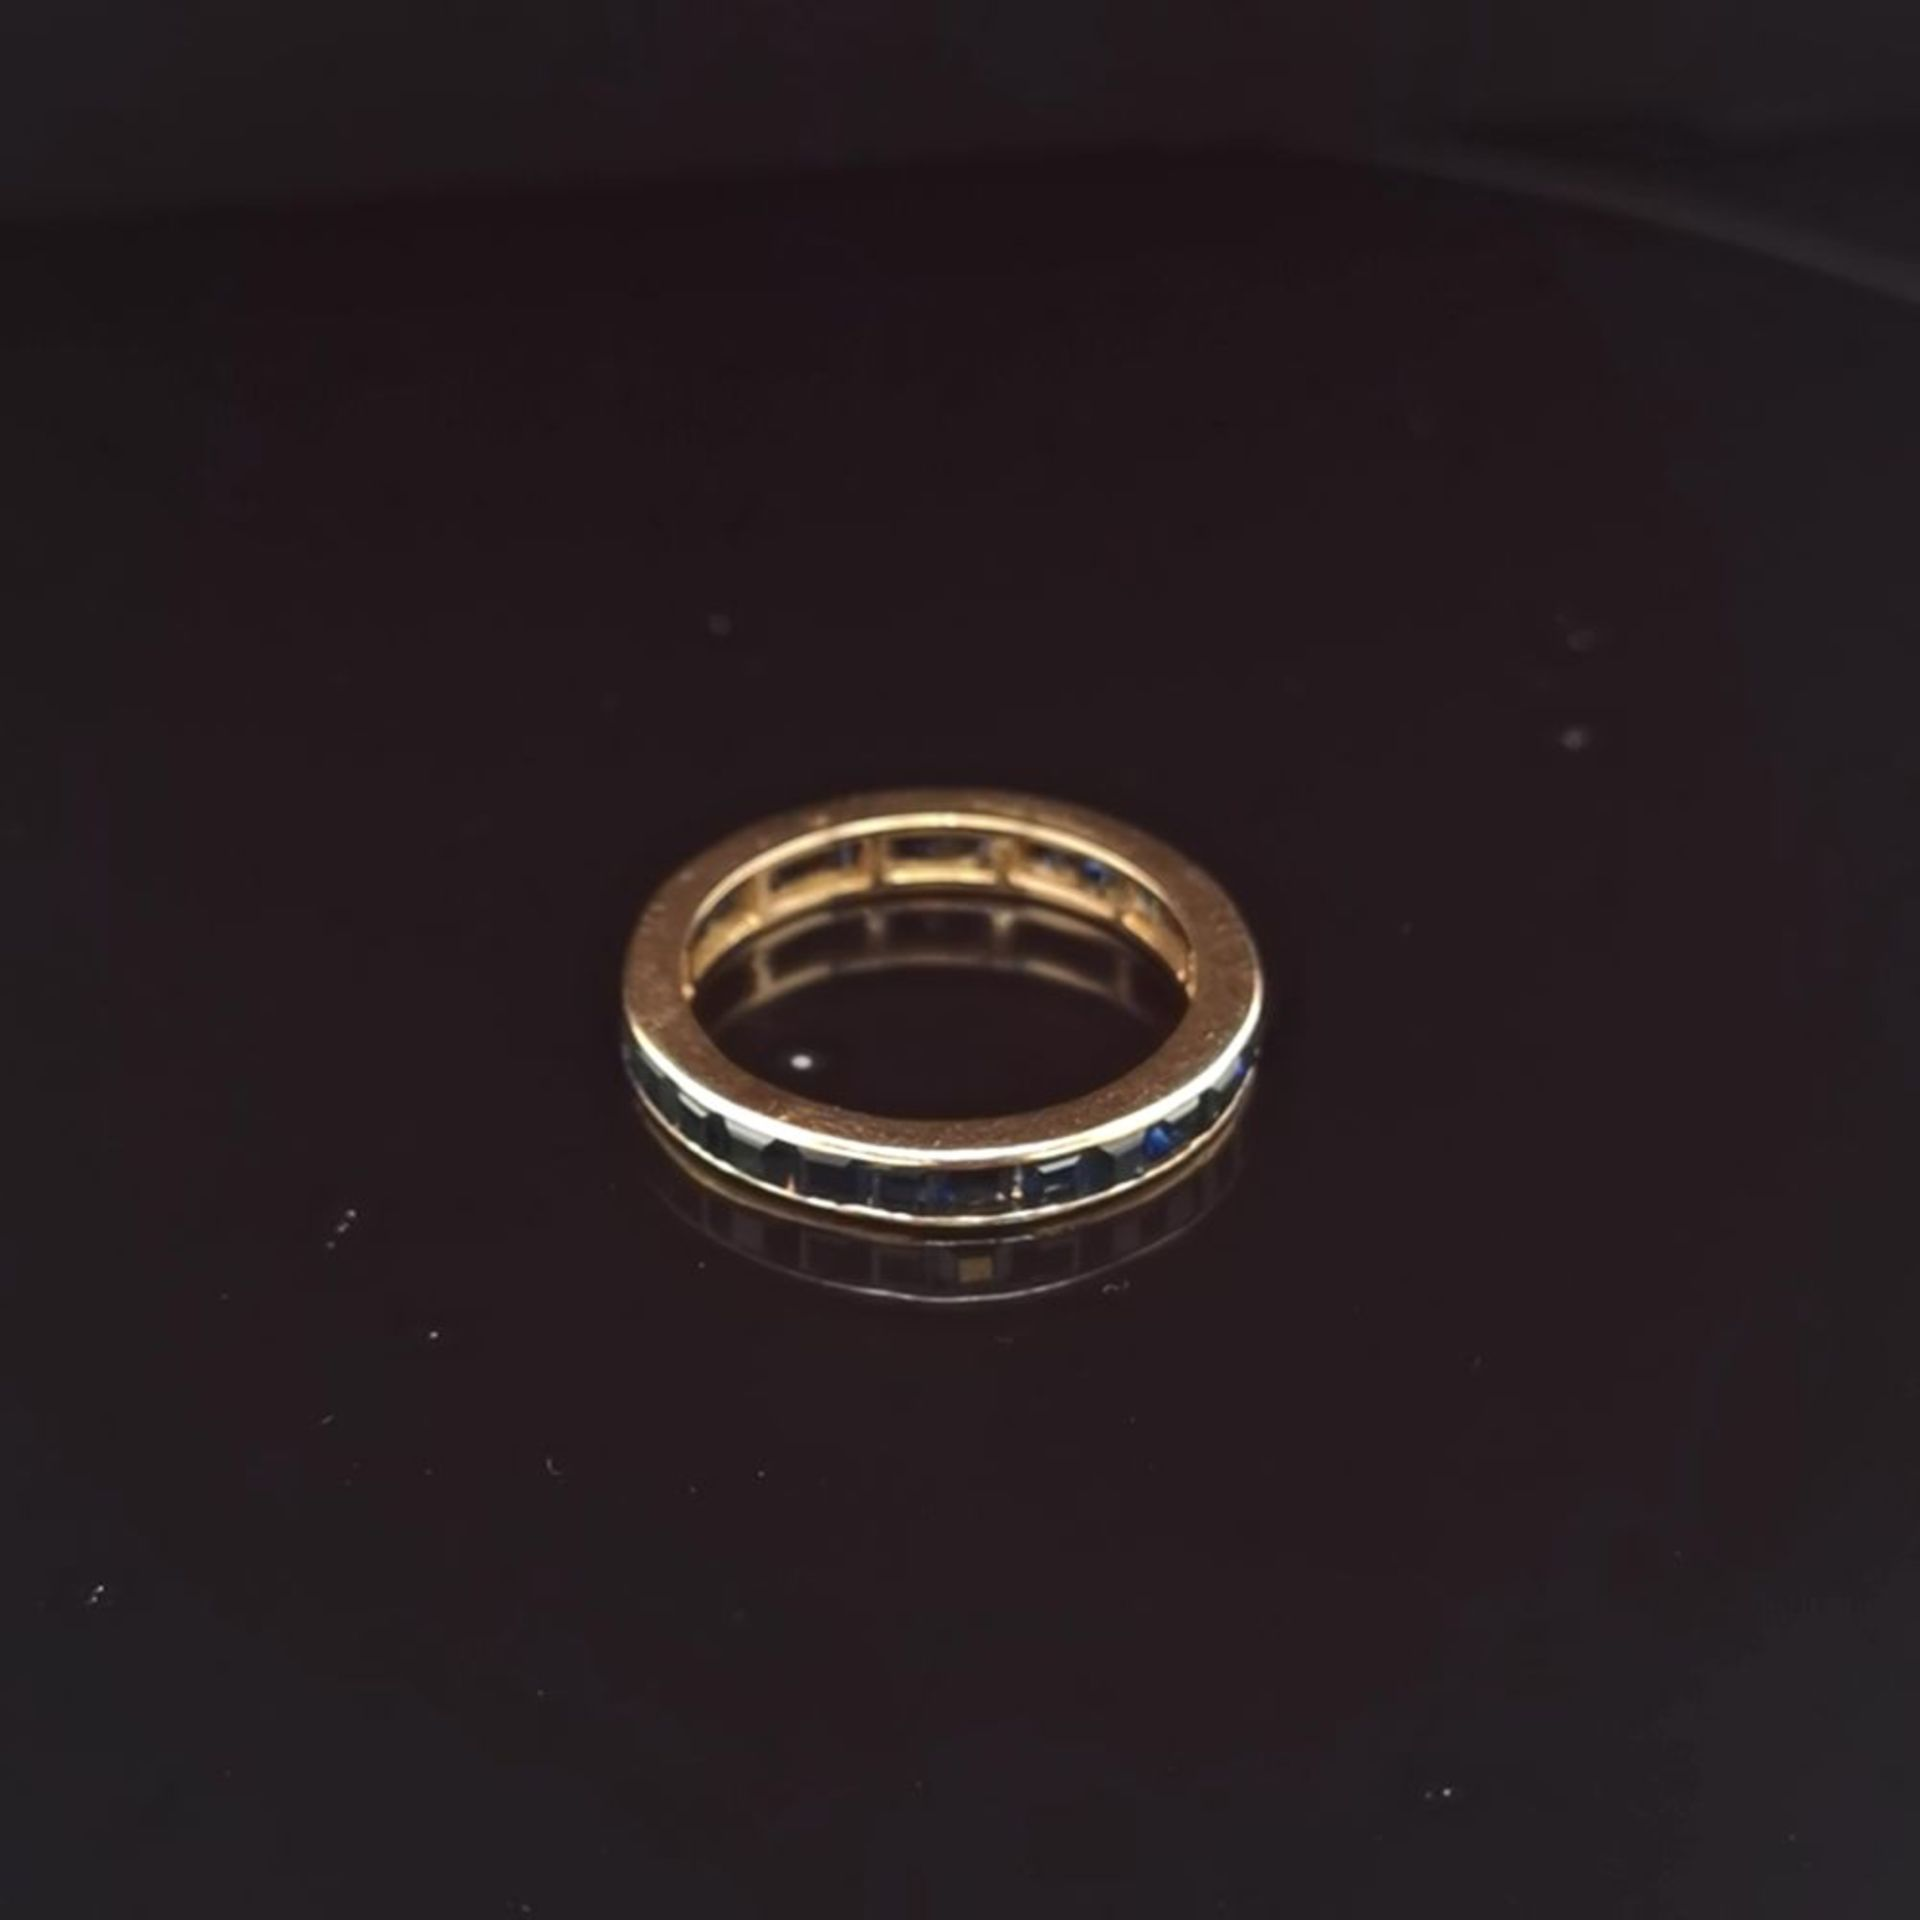 Saphir-Ring, 585 Gold 2,86